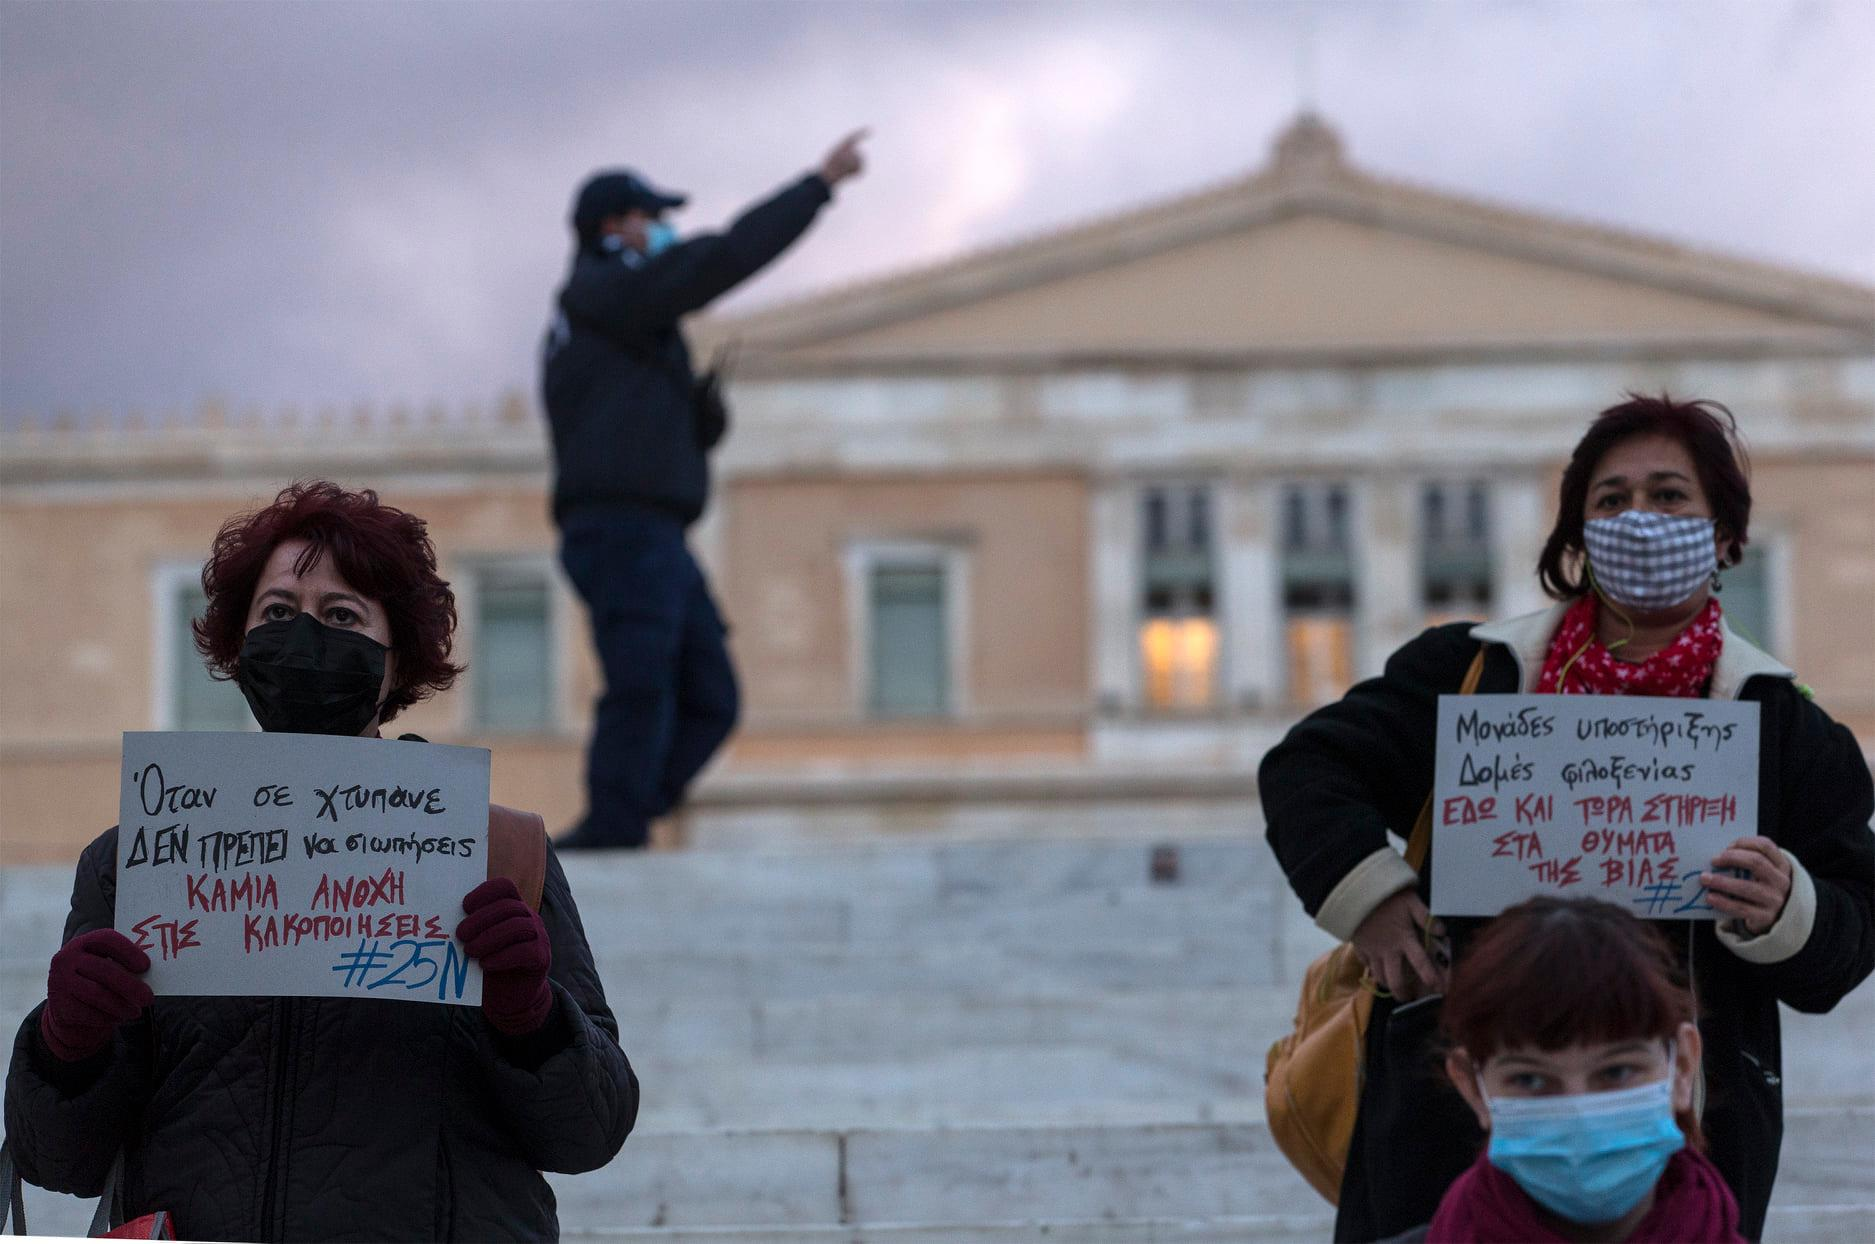 Μια χούφτα γυναίκες στην πλατεία Κουρελιασμένου Συντάγματος. Της Αναστασίας Τσουκαλά